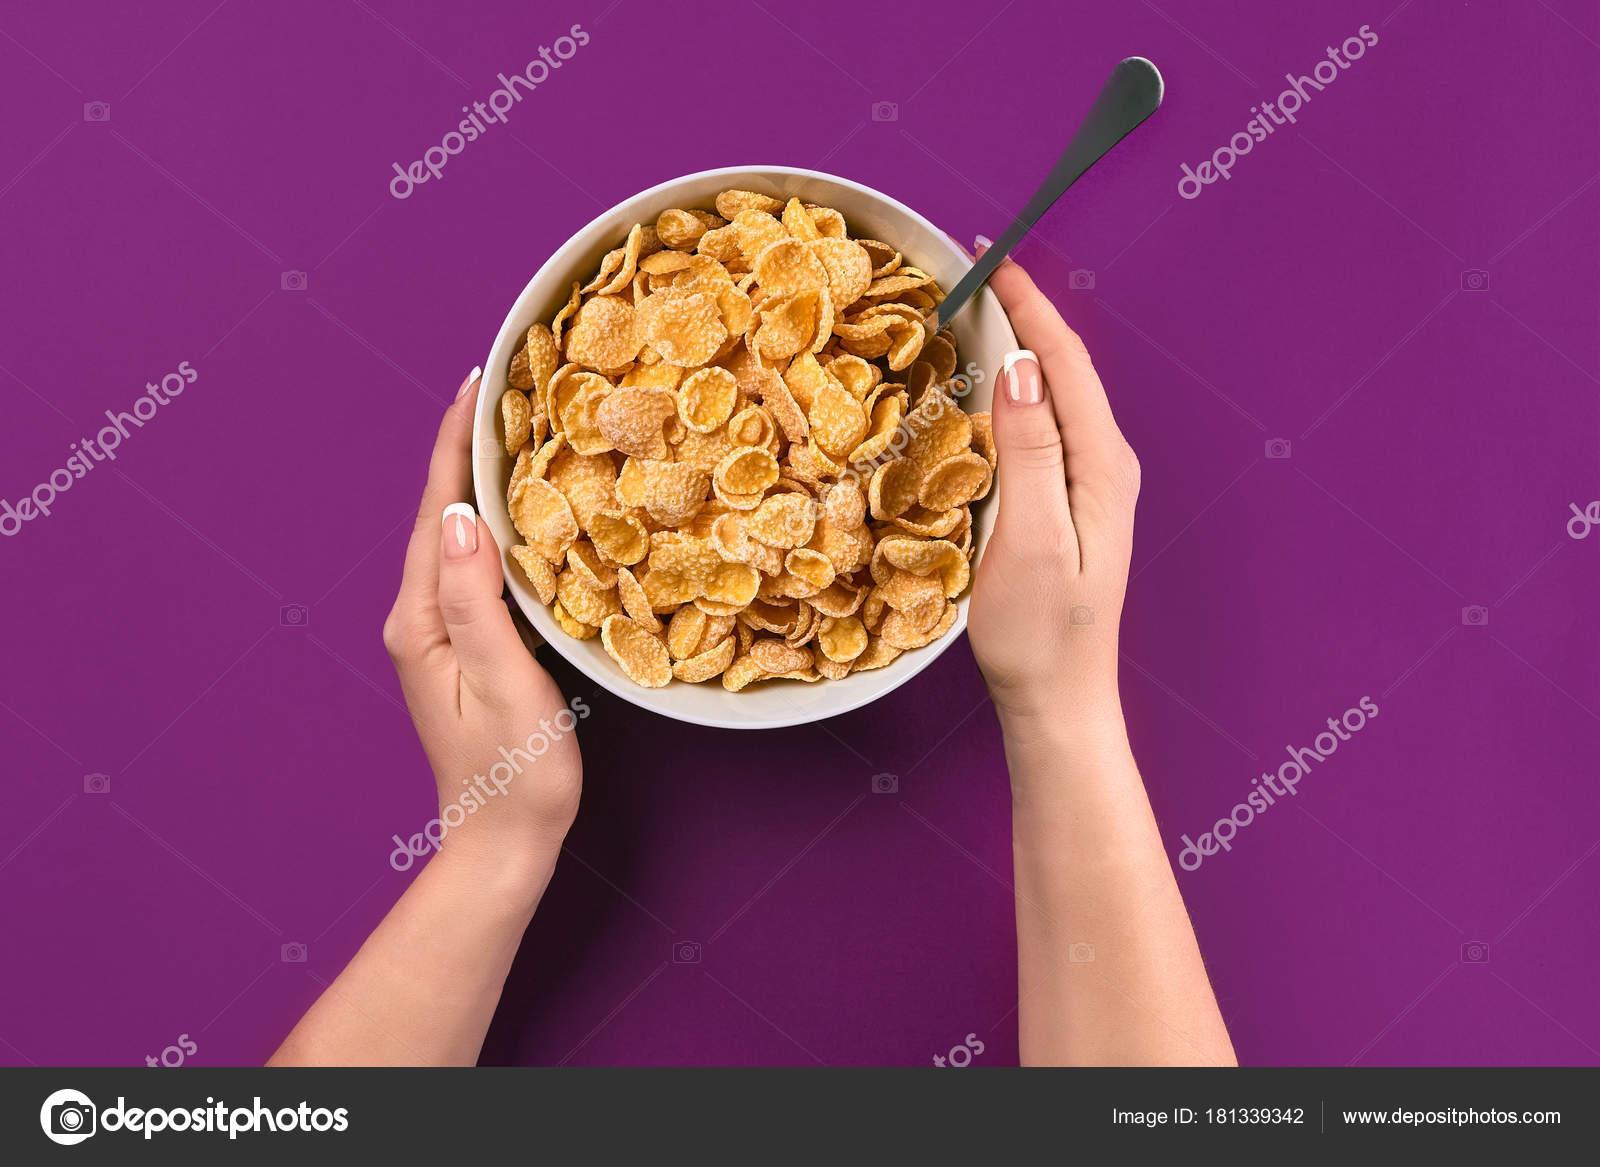 Завтрак мюсли супер-пупер каши безглютеновой диеты завтрак png.